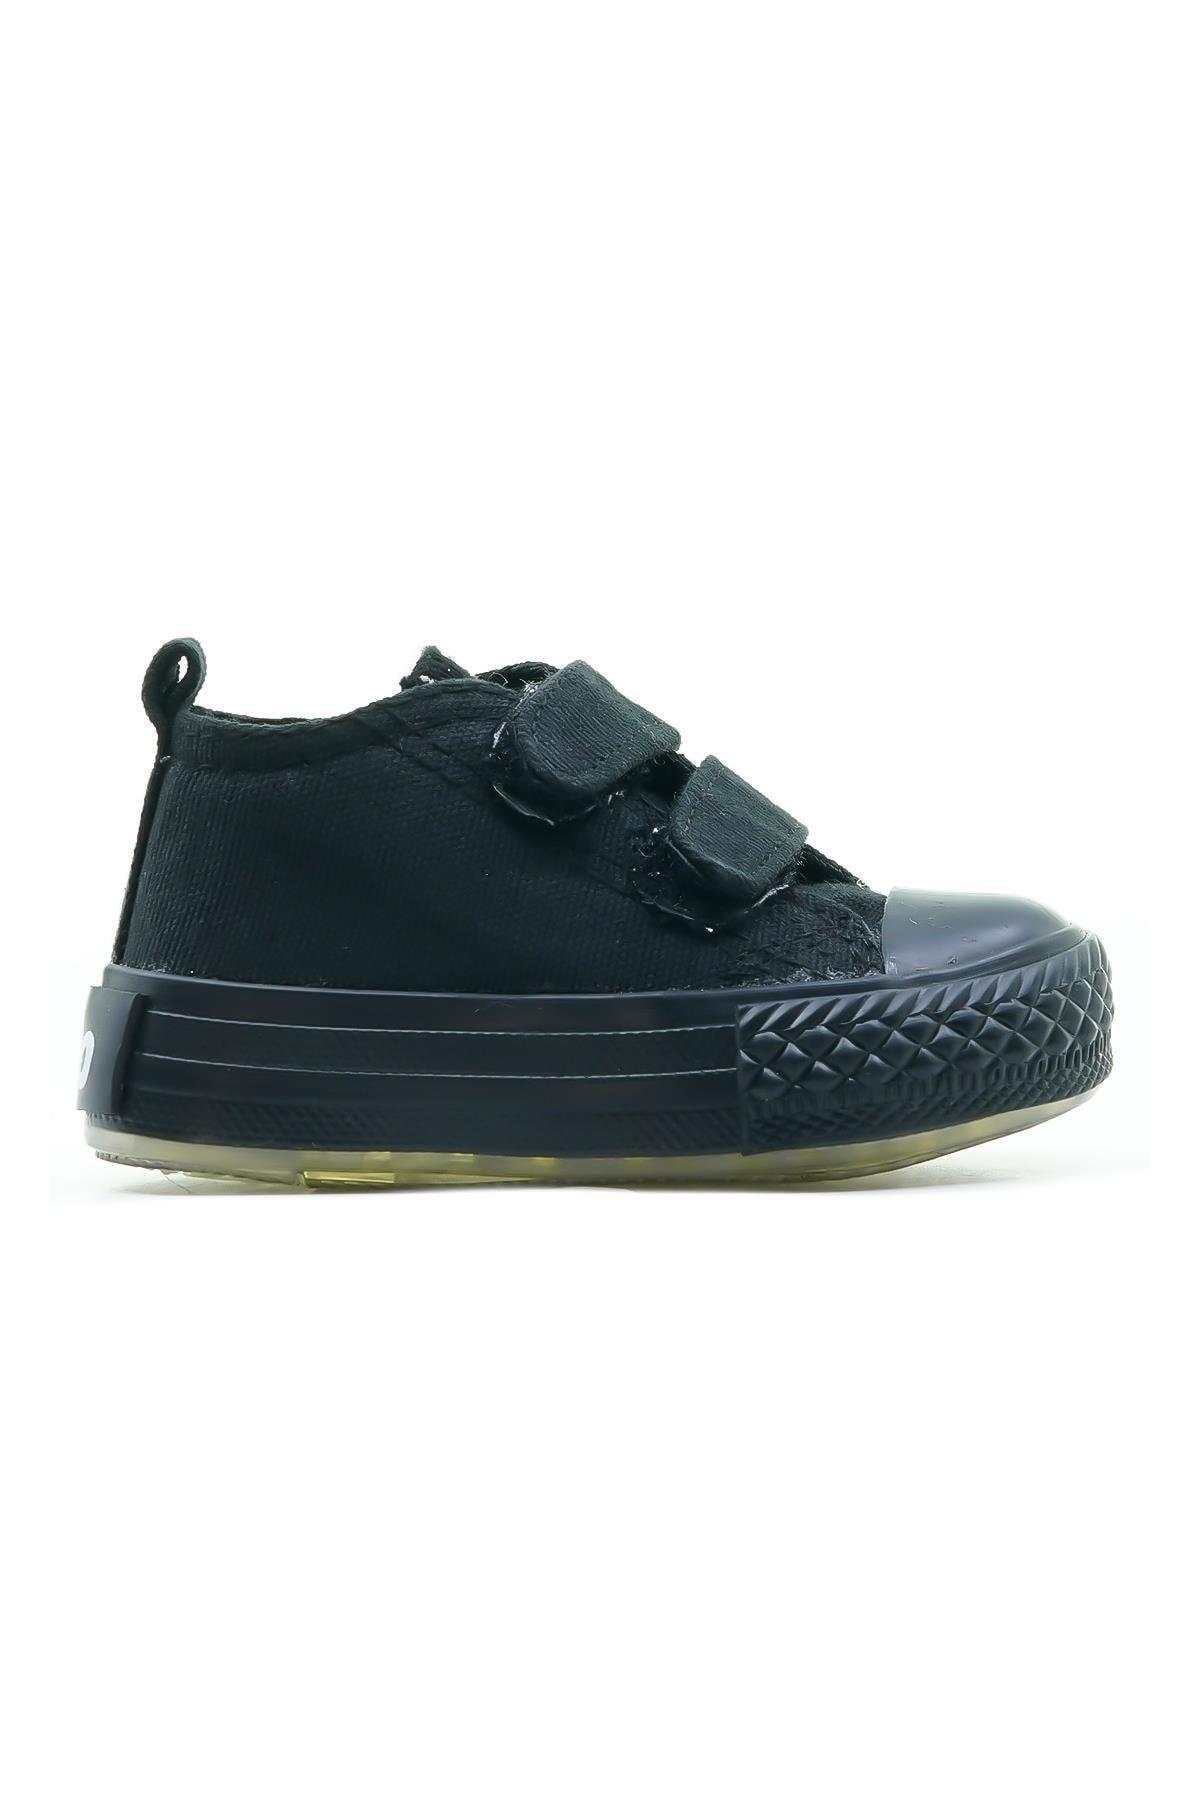 Pino Unisex Bebe Işıklı Spor Ayakkabı 21y 925.150 Be